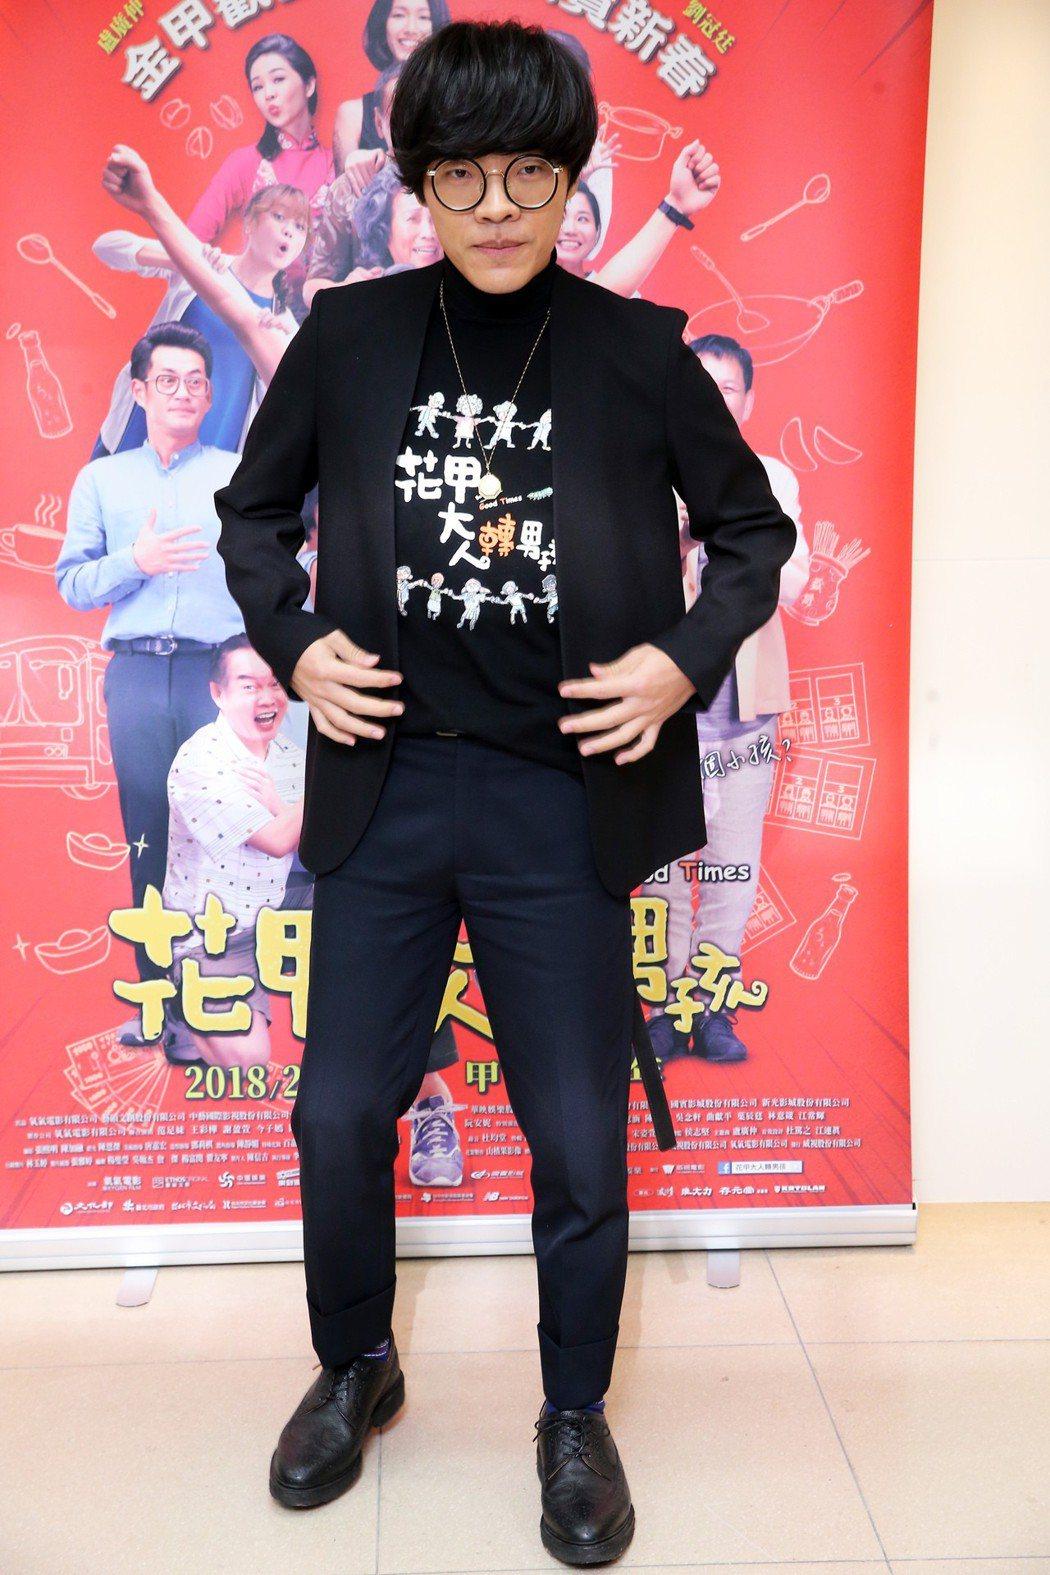 電影《花甲大人轉男孩》主要演員盧廣仲接受媒體聯訪宣傳新戲。記者徐兆玄/攝影